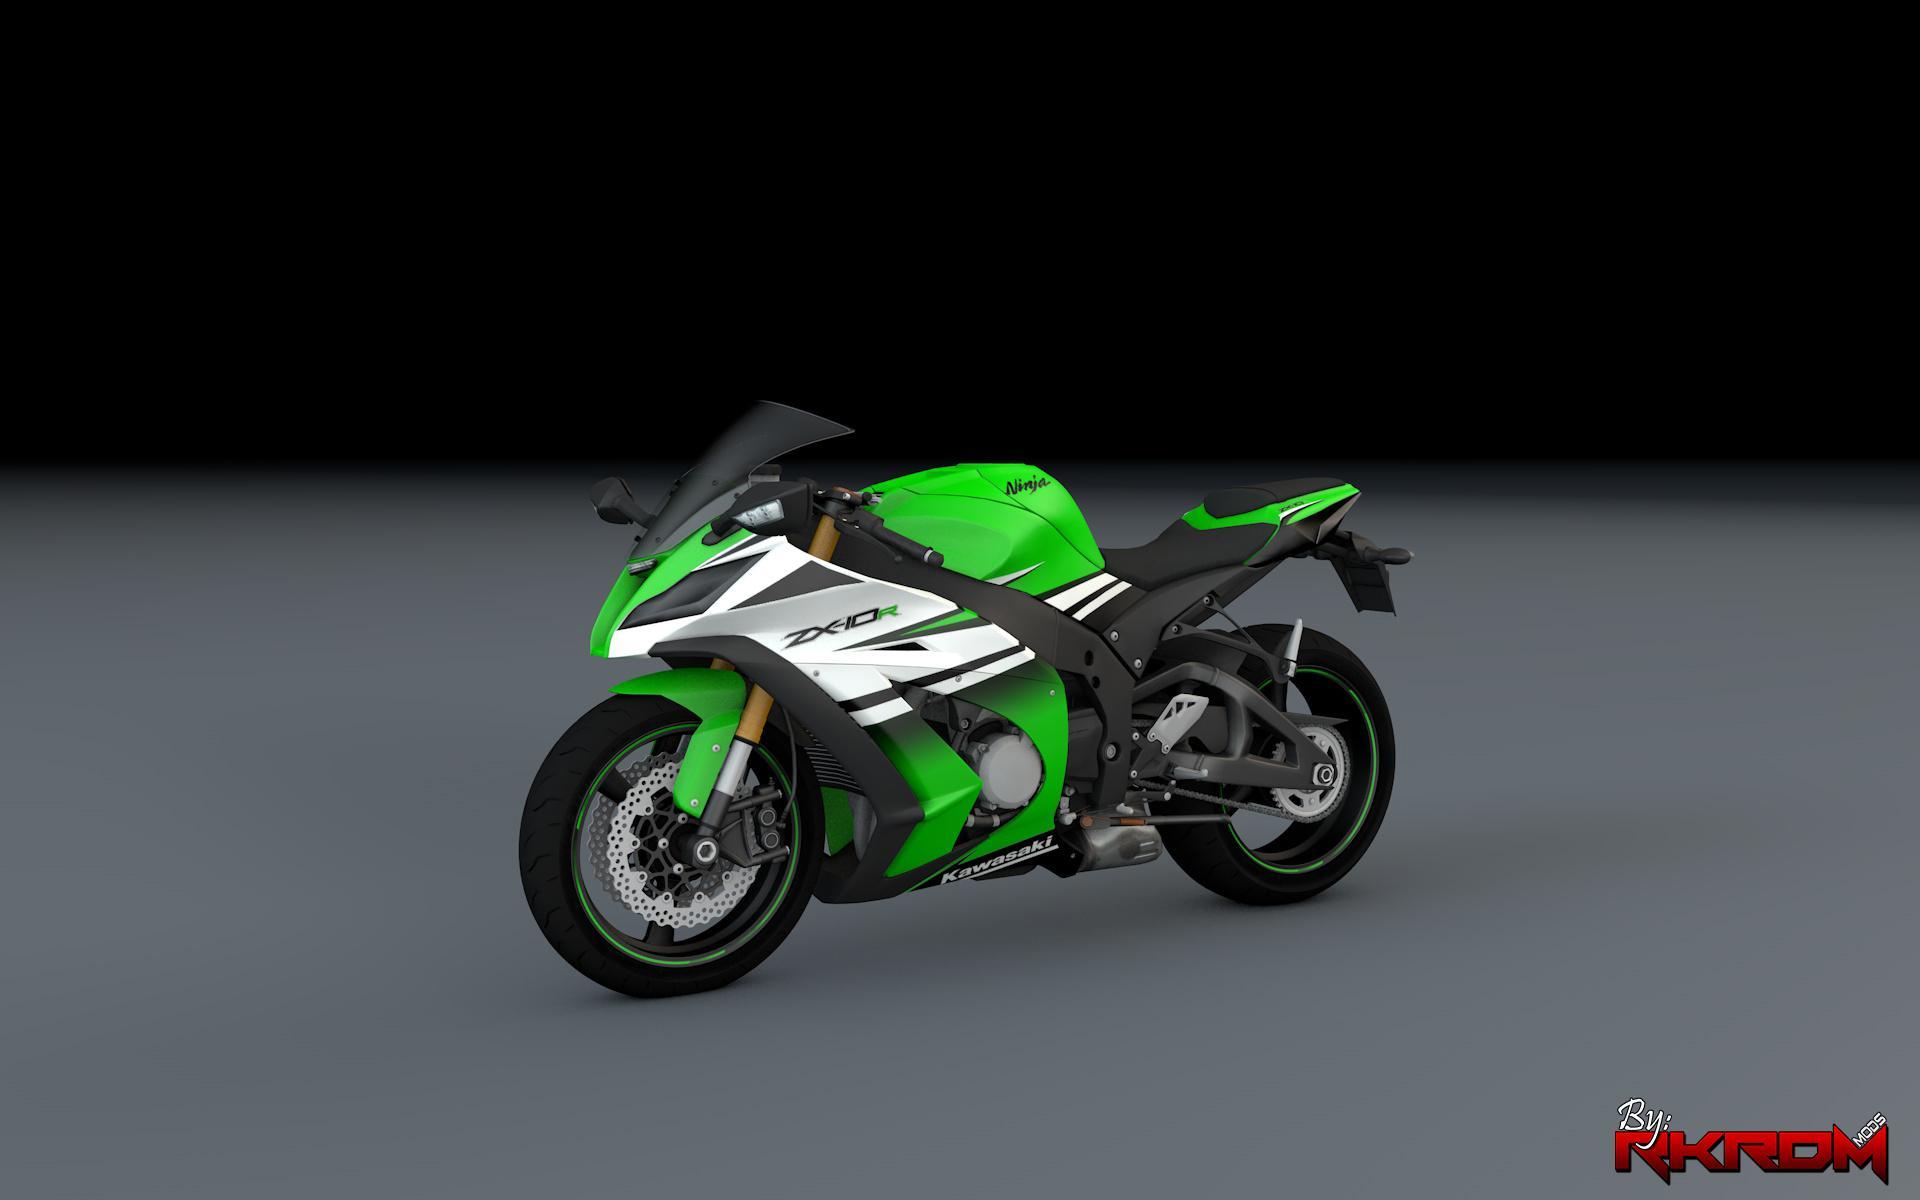 2015 Kawasaki Ninja Zx 10r Add On Gta5 Modscom